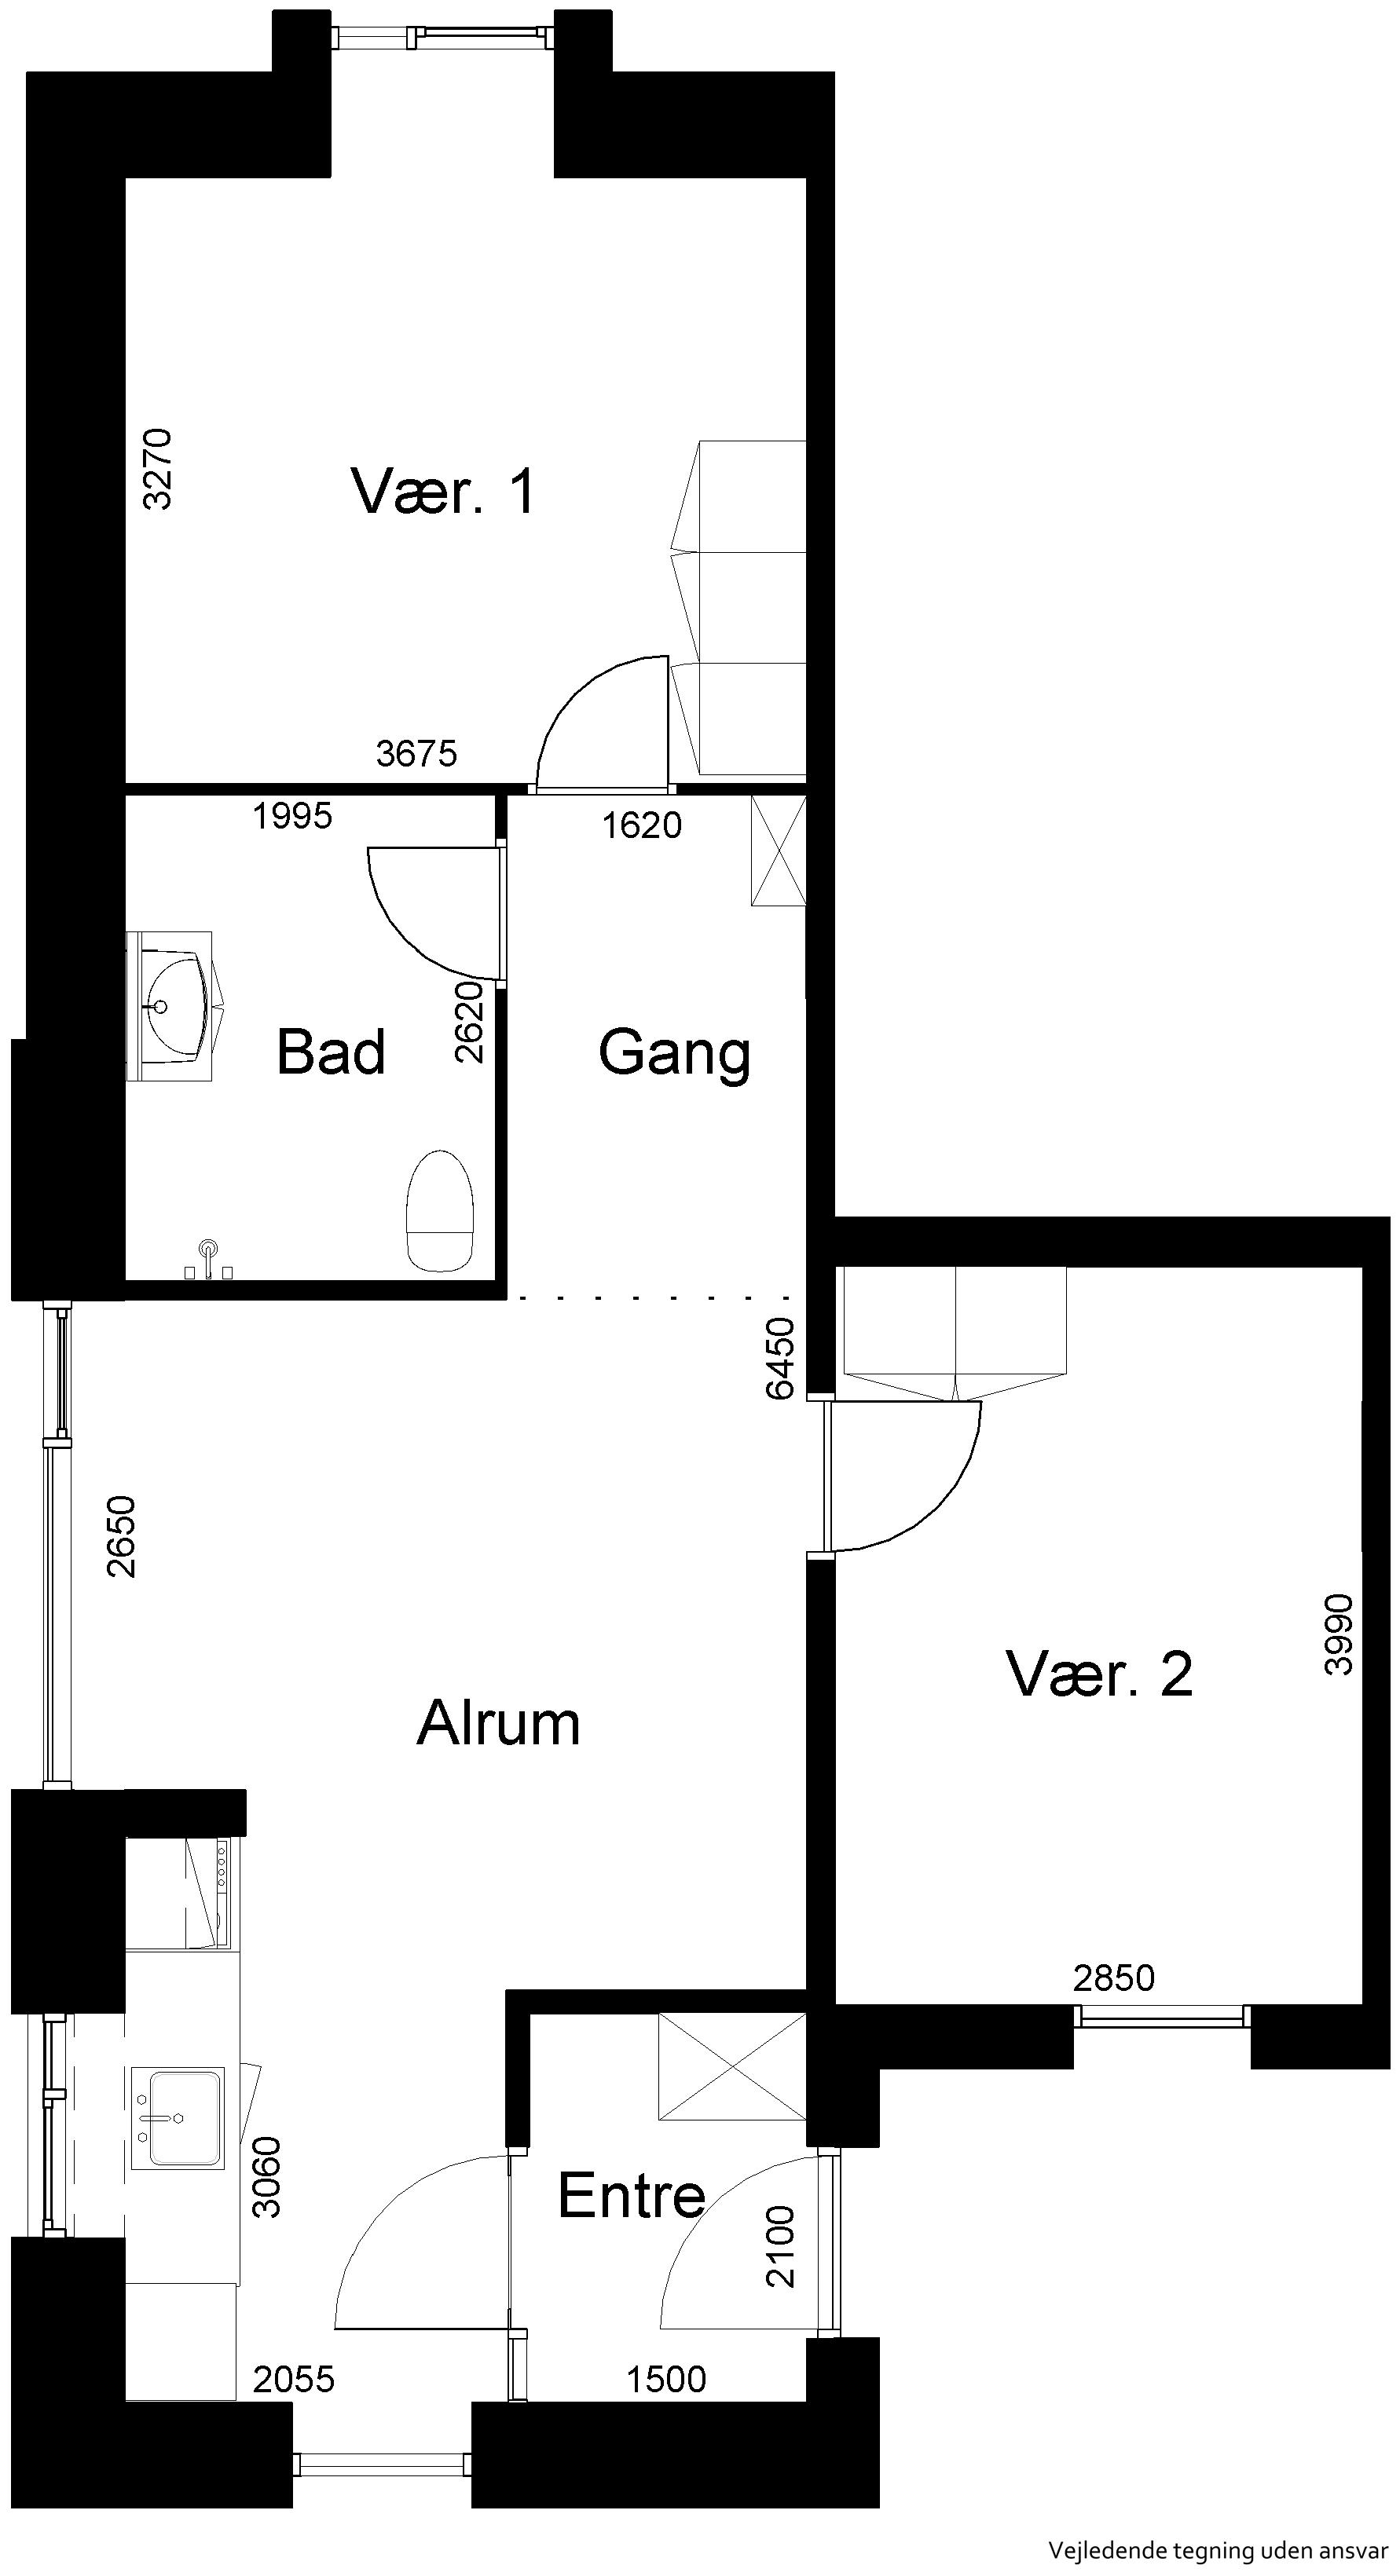 Lejlighed 709